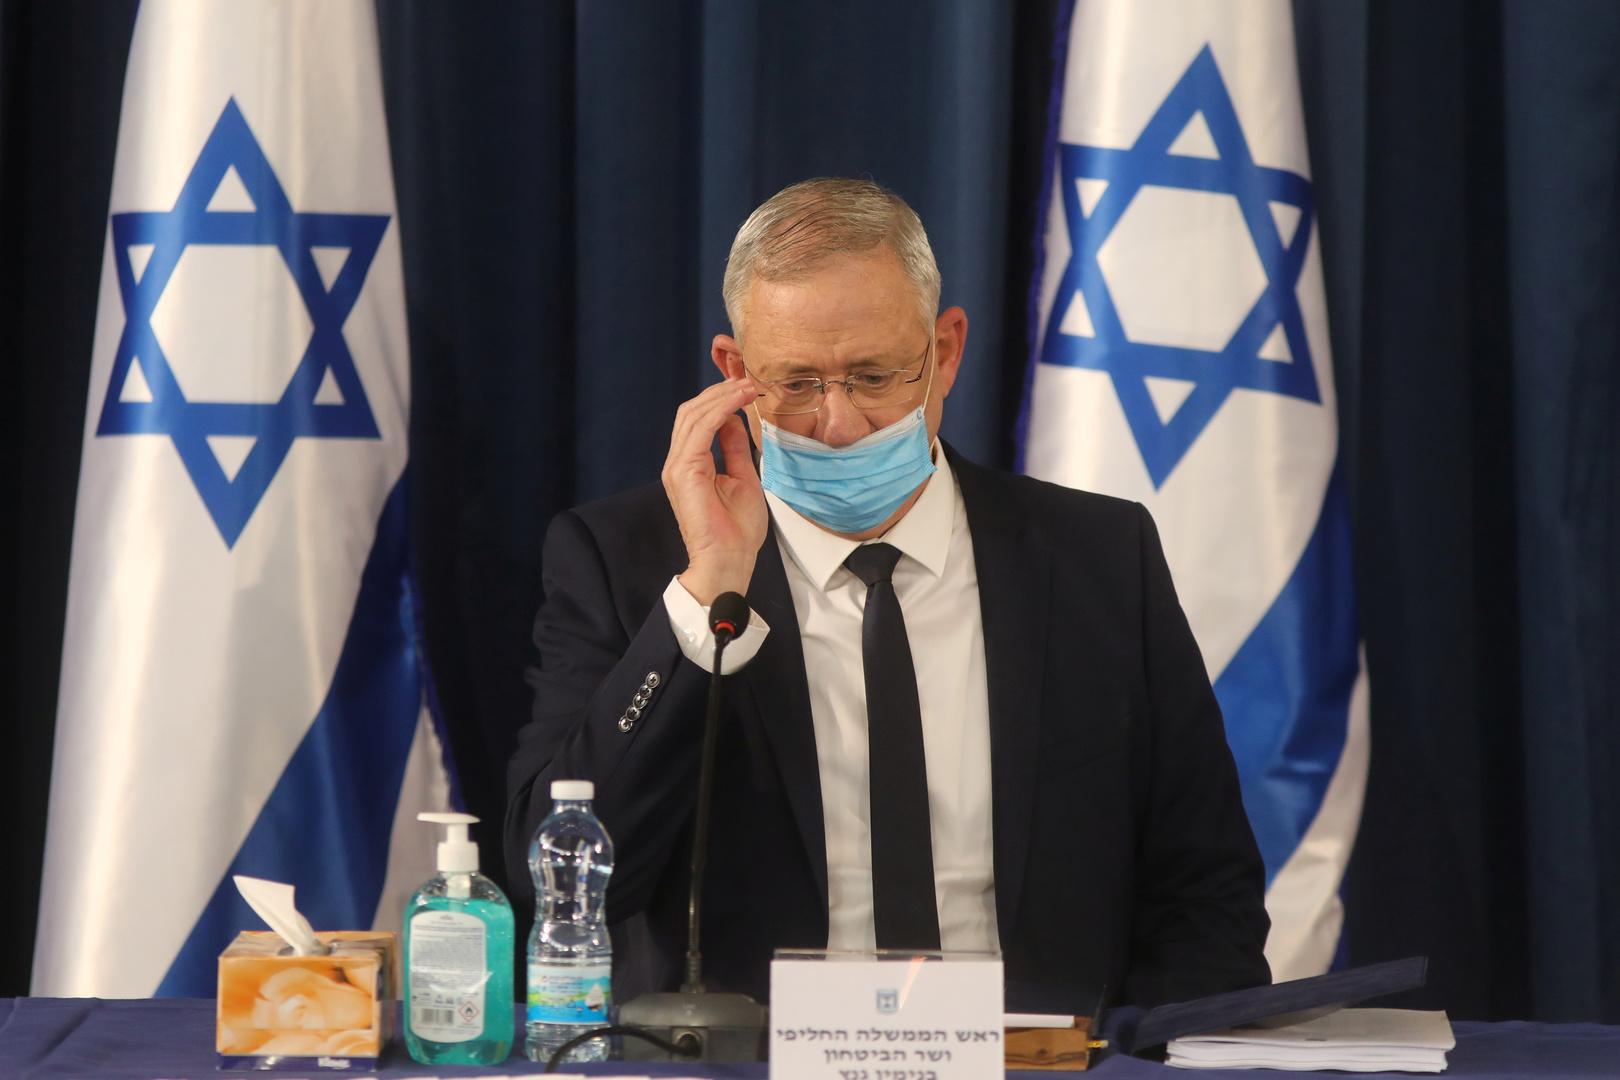 إسرائيل.. حزب ميريتس المشارك بالحكومة يبحث برامج التجسس مع غانتس